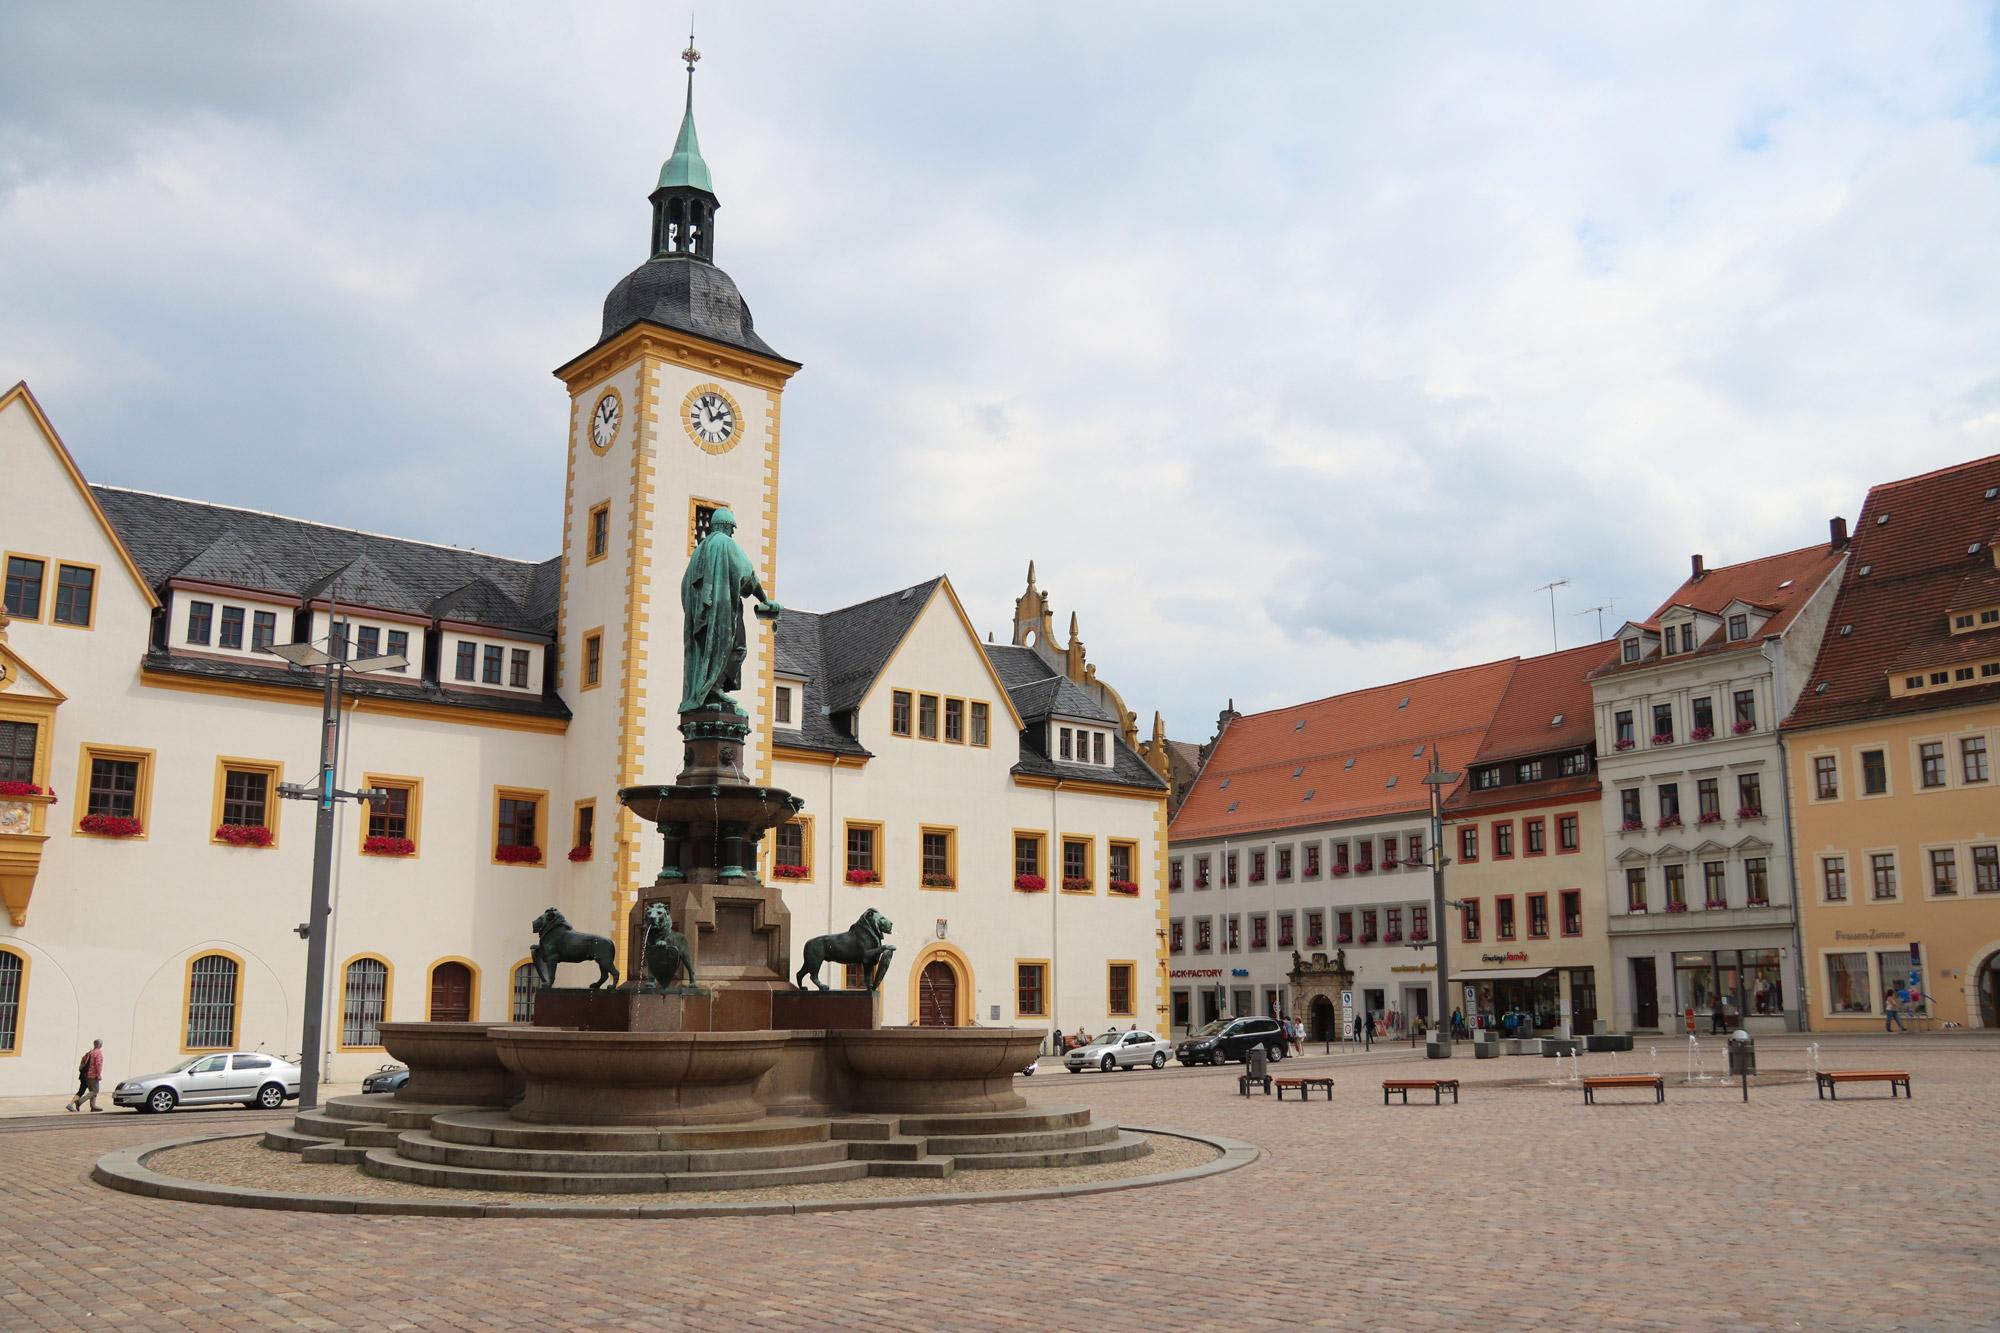 Weekendje Freiberg in 10 beelden - Obermarkt met het Rathaus